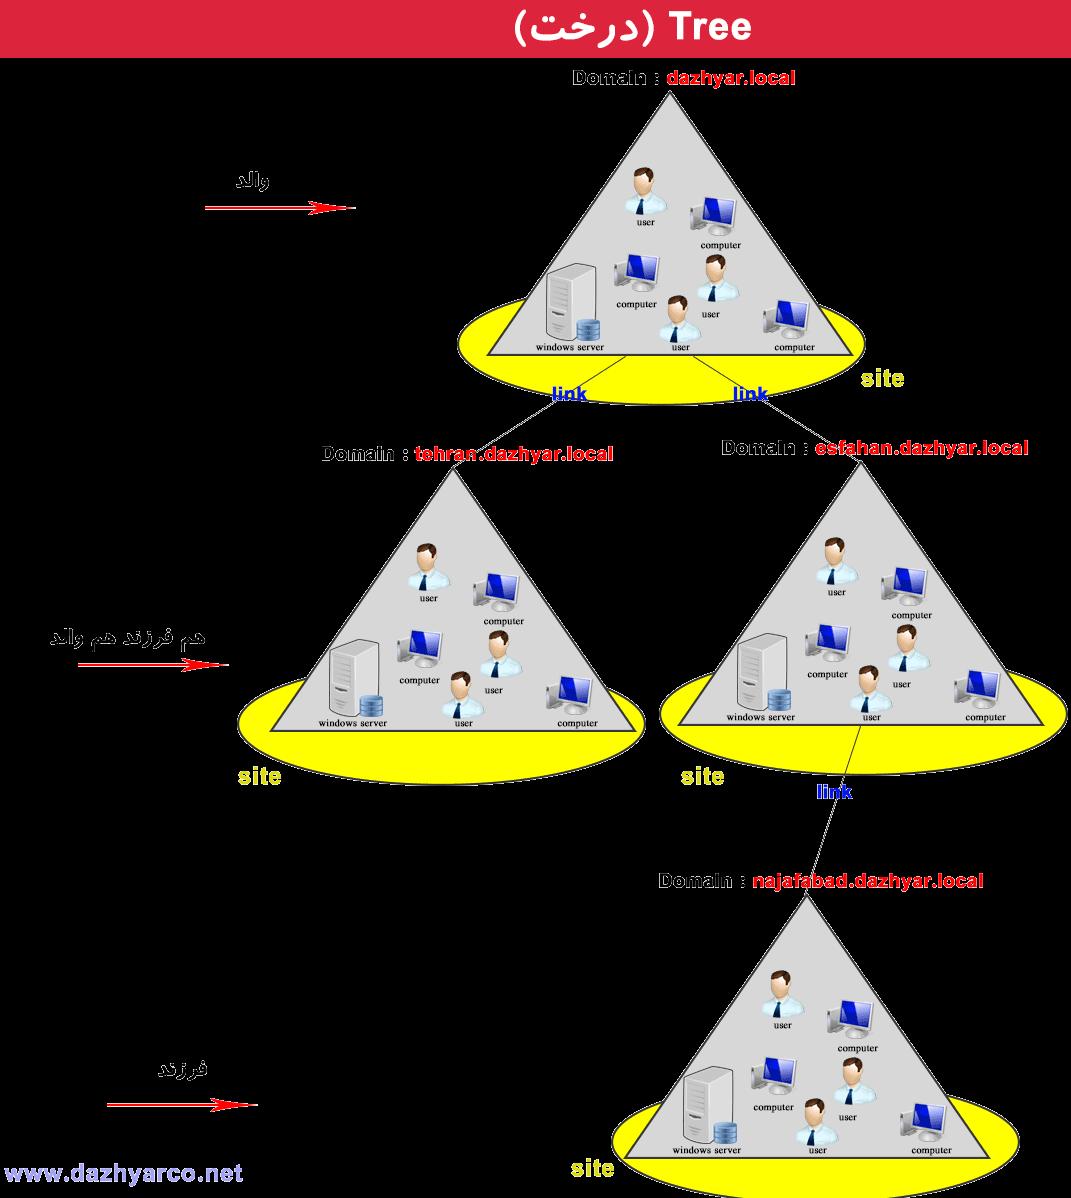 مفاهیم اکتیو دایرکتوری | Tree یا درخت